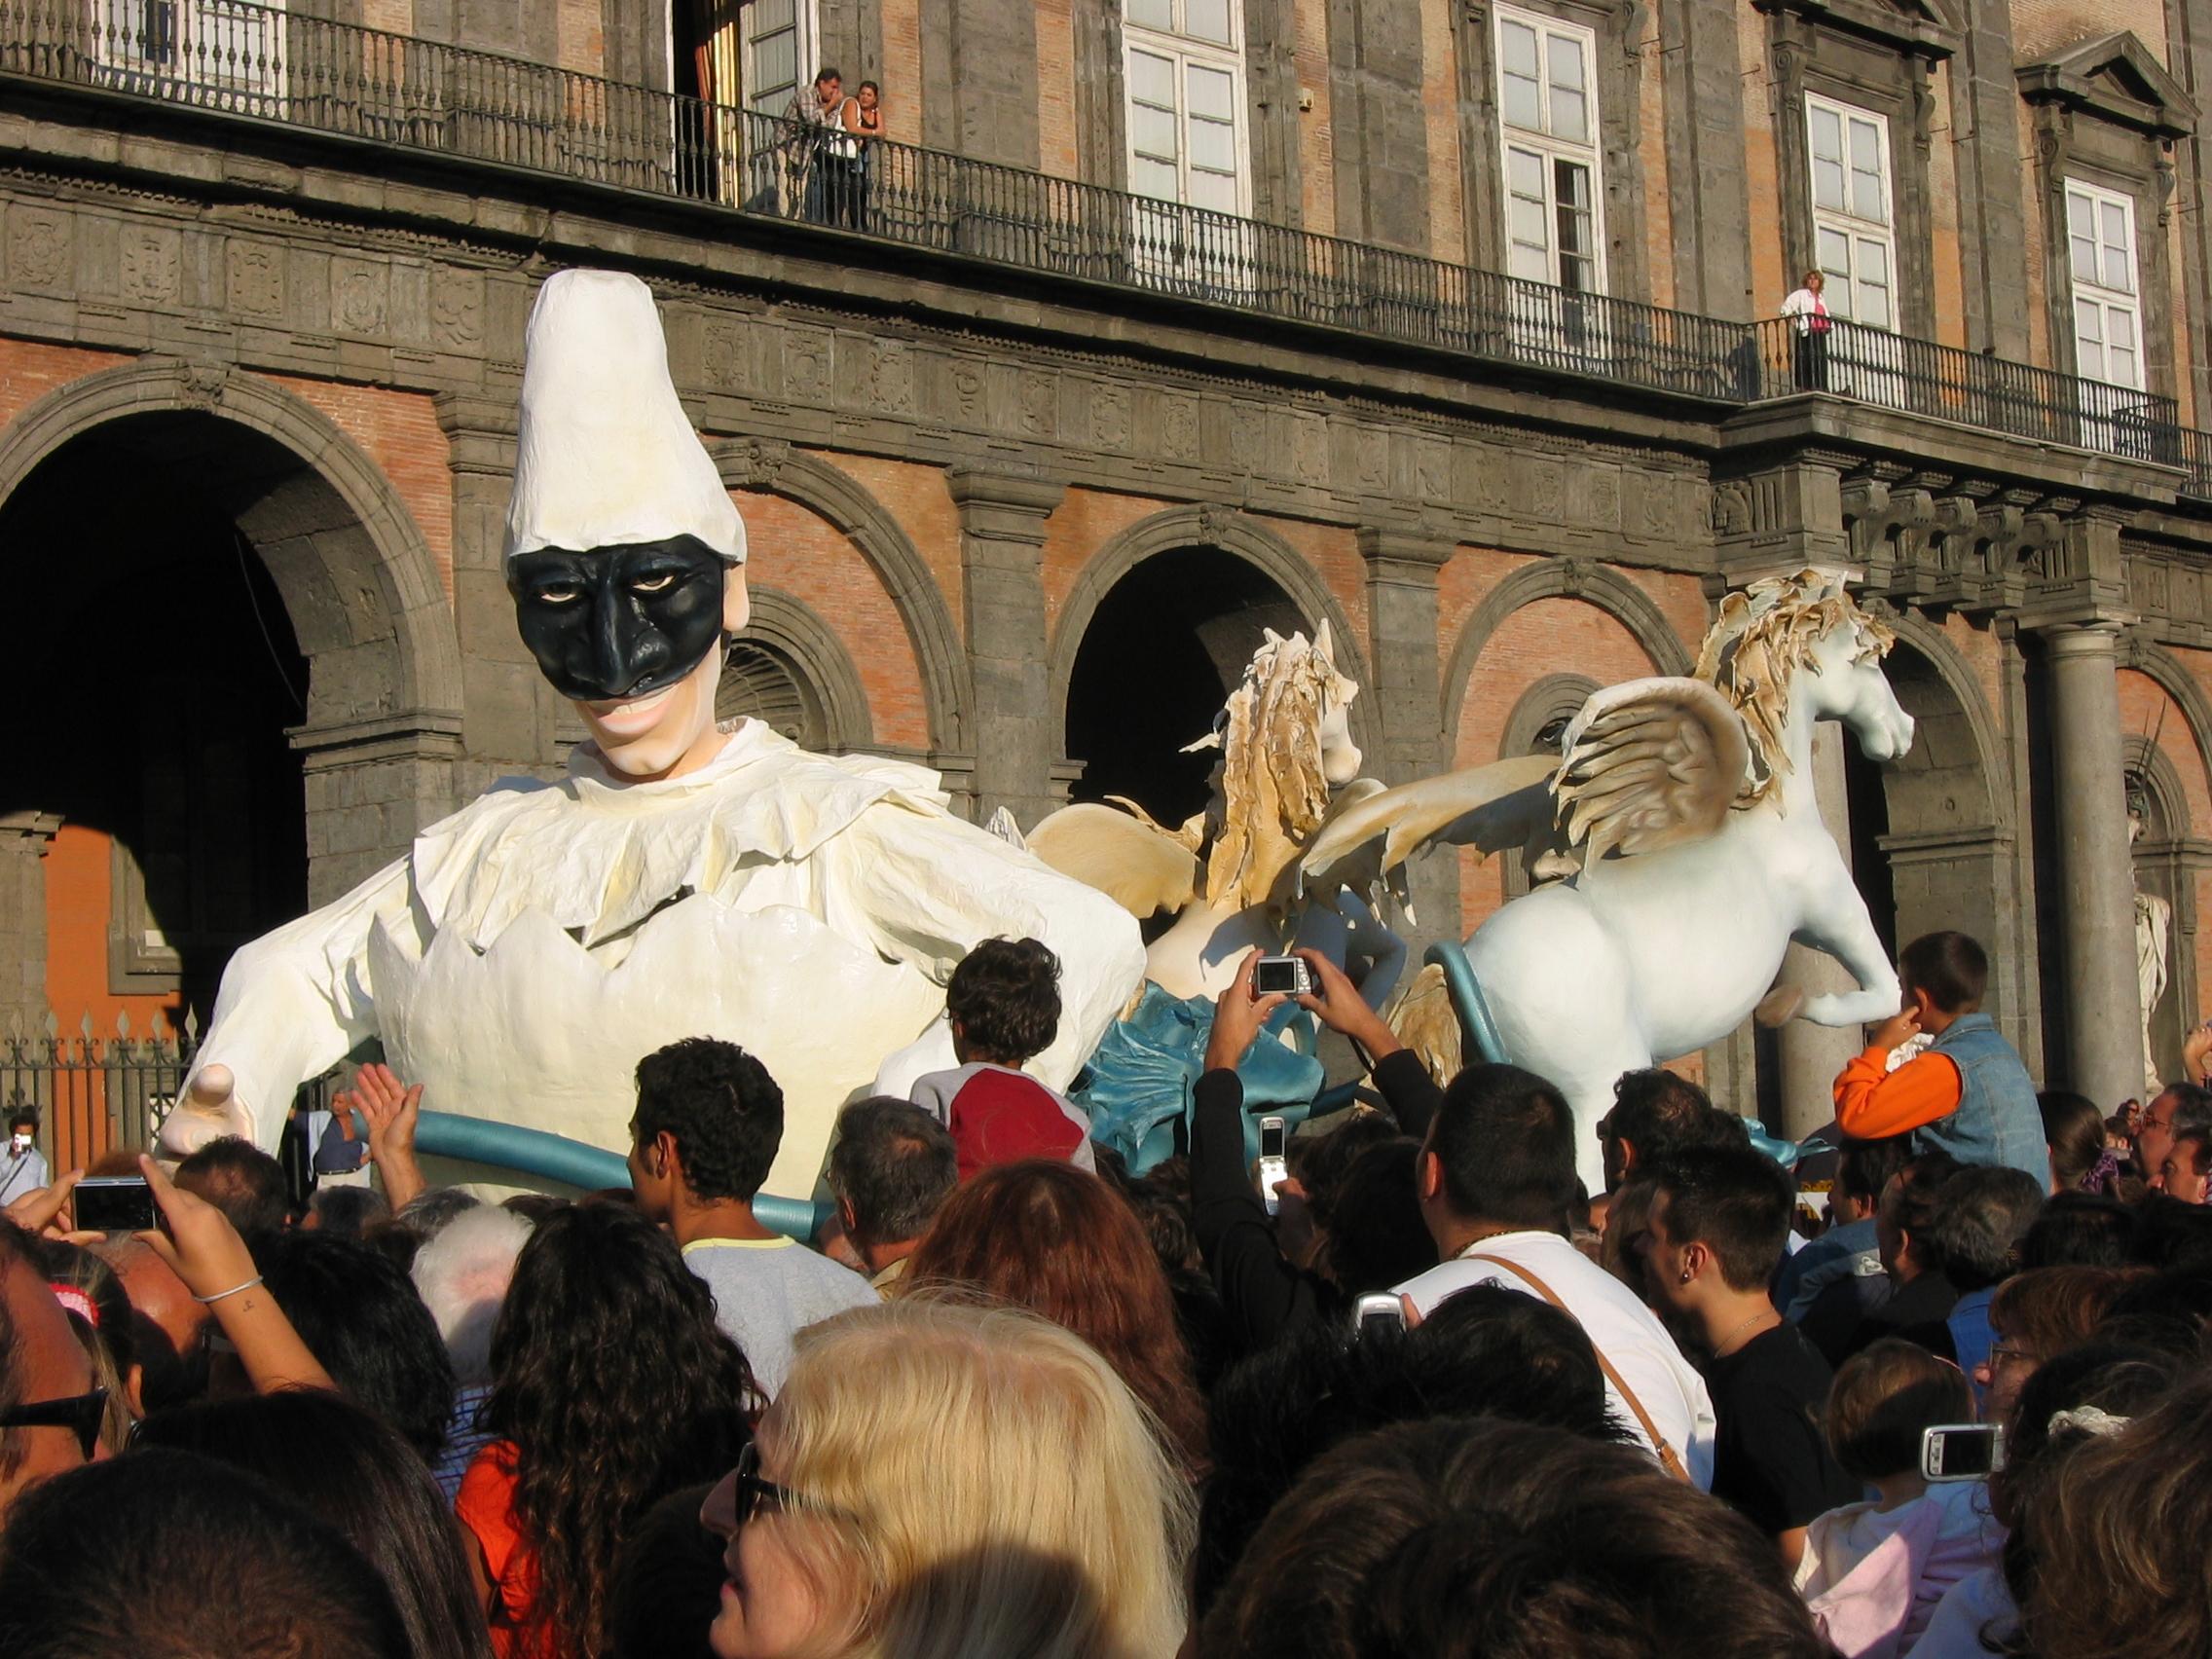 dialetto napoletano - La maschera di Pulcinella rappresenta uno dei simboli partenopei più amati di sempre